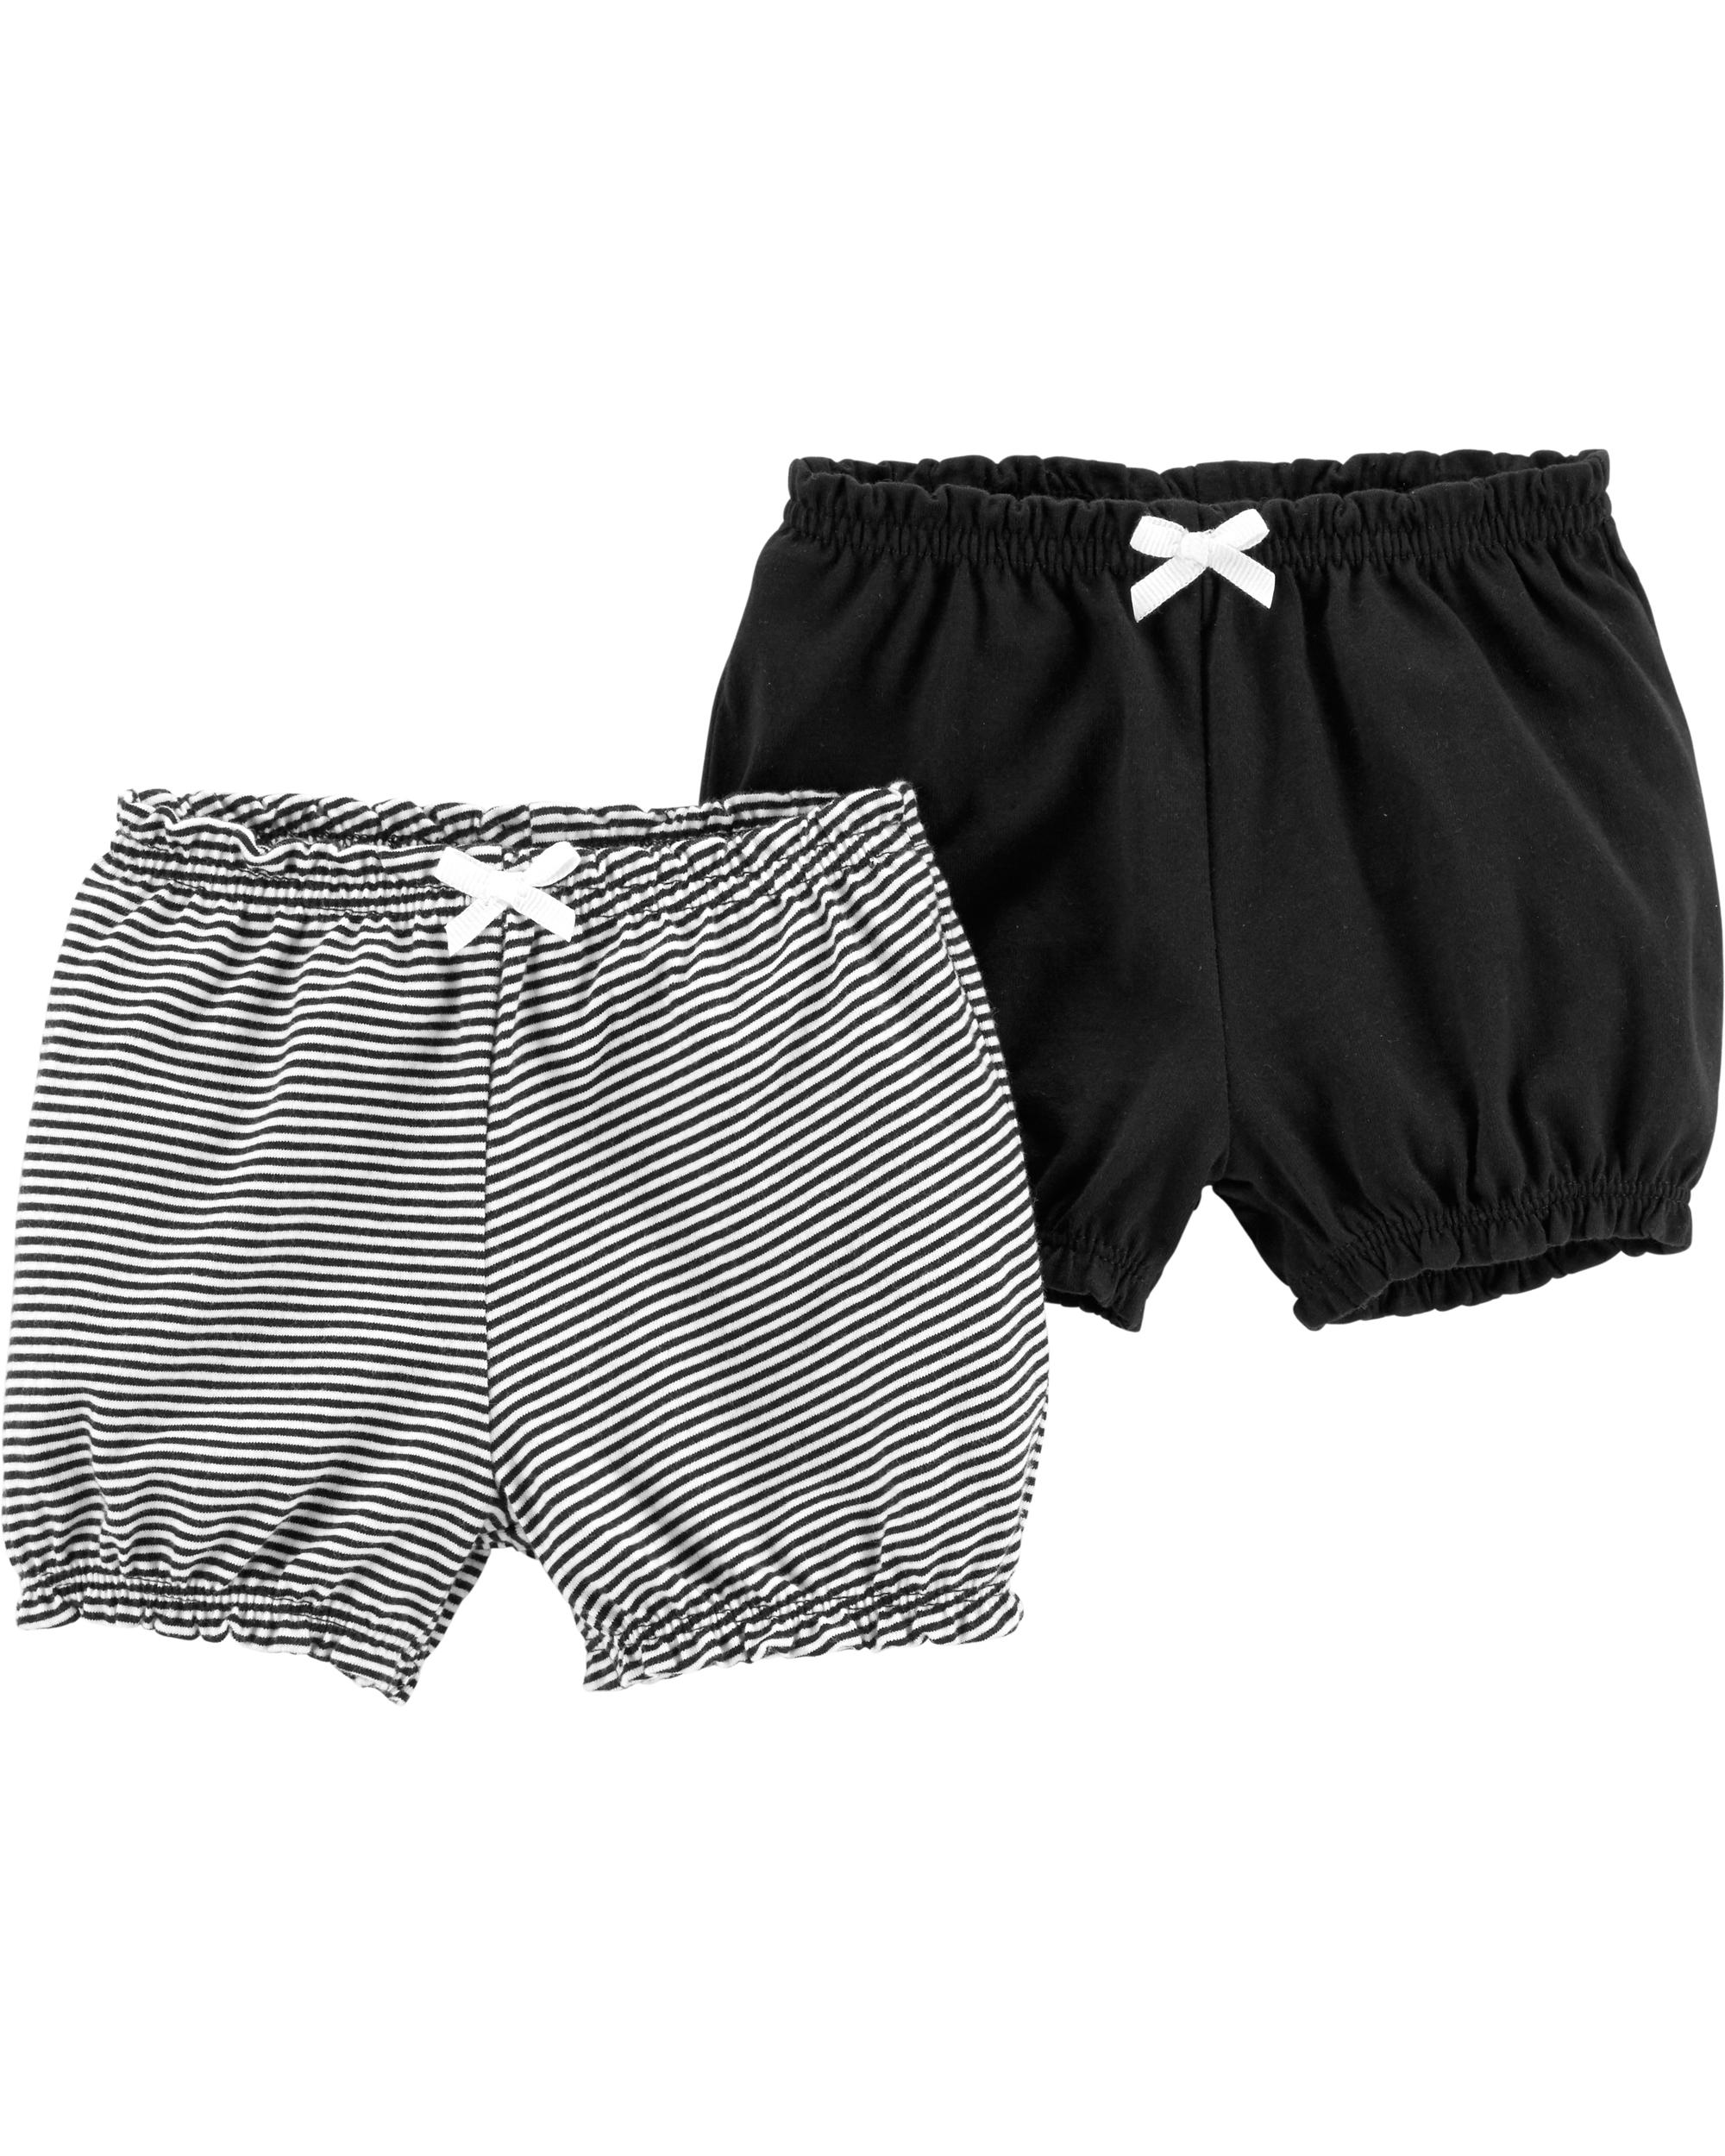 זוג מכנסיים קצרים שחור